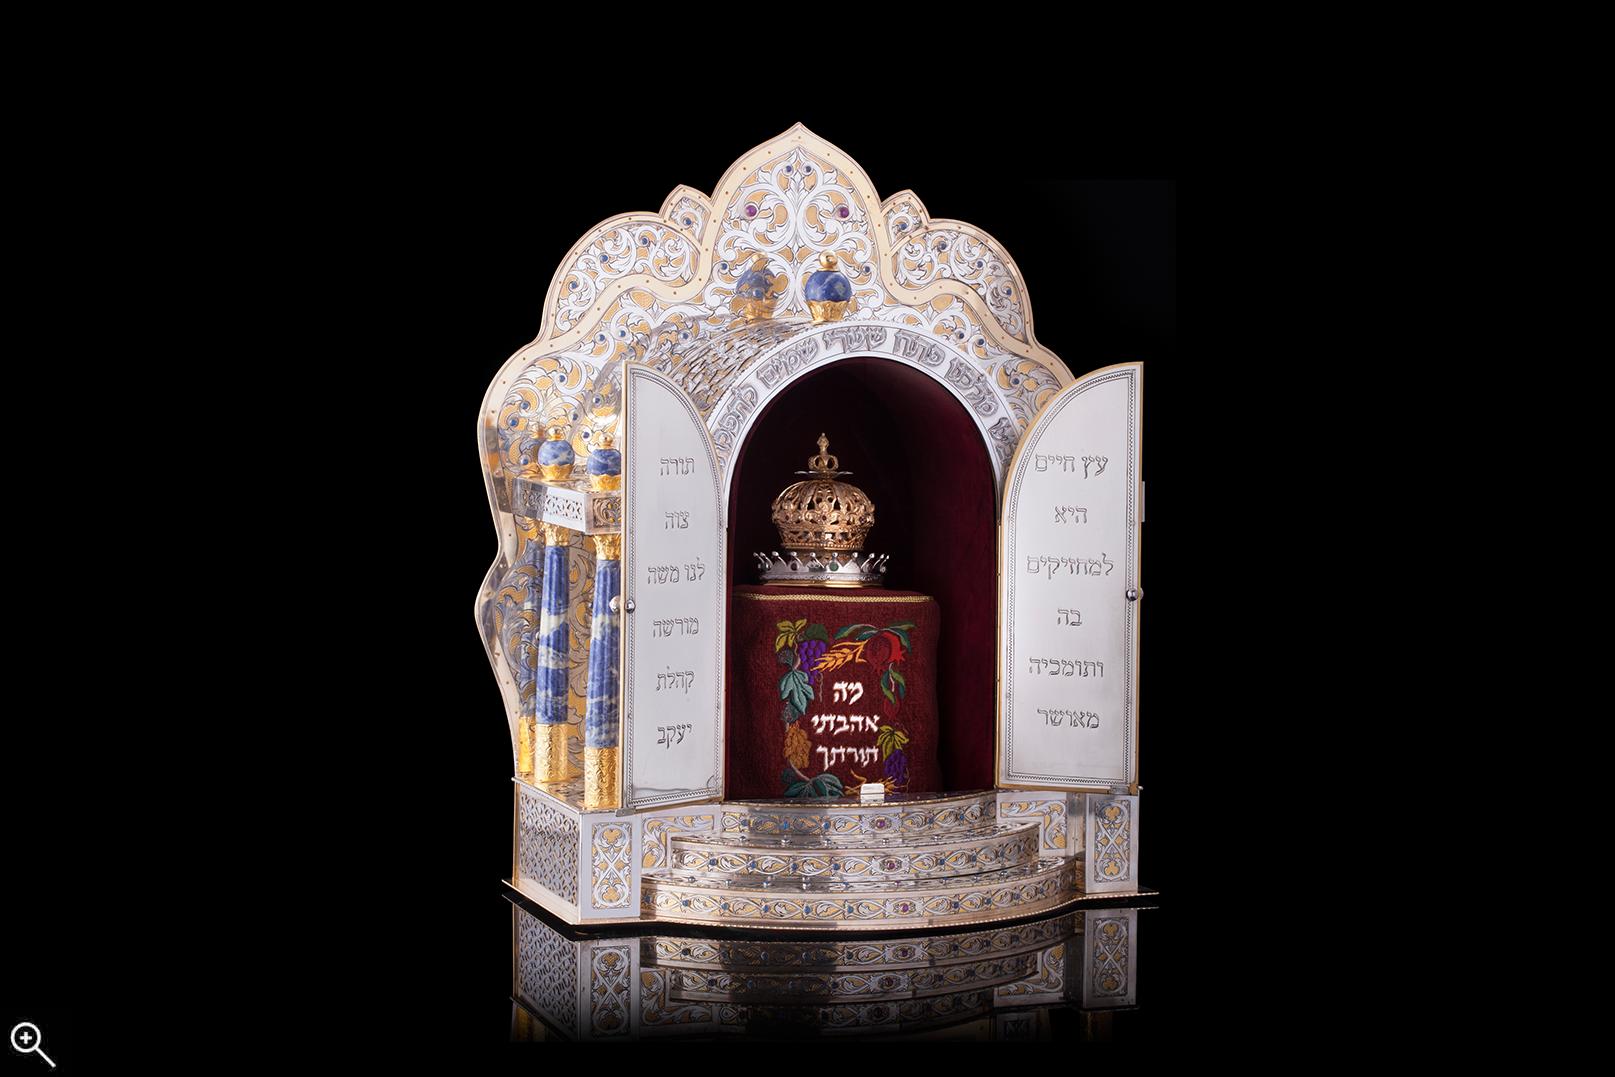 Miniature Torah Ark with Torah